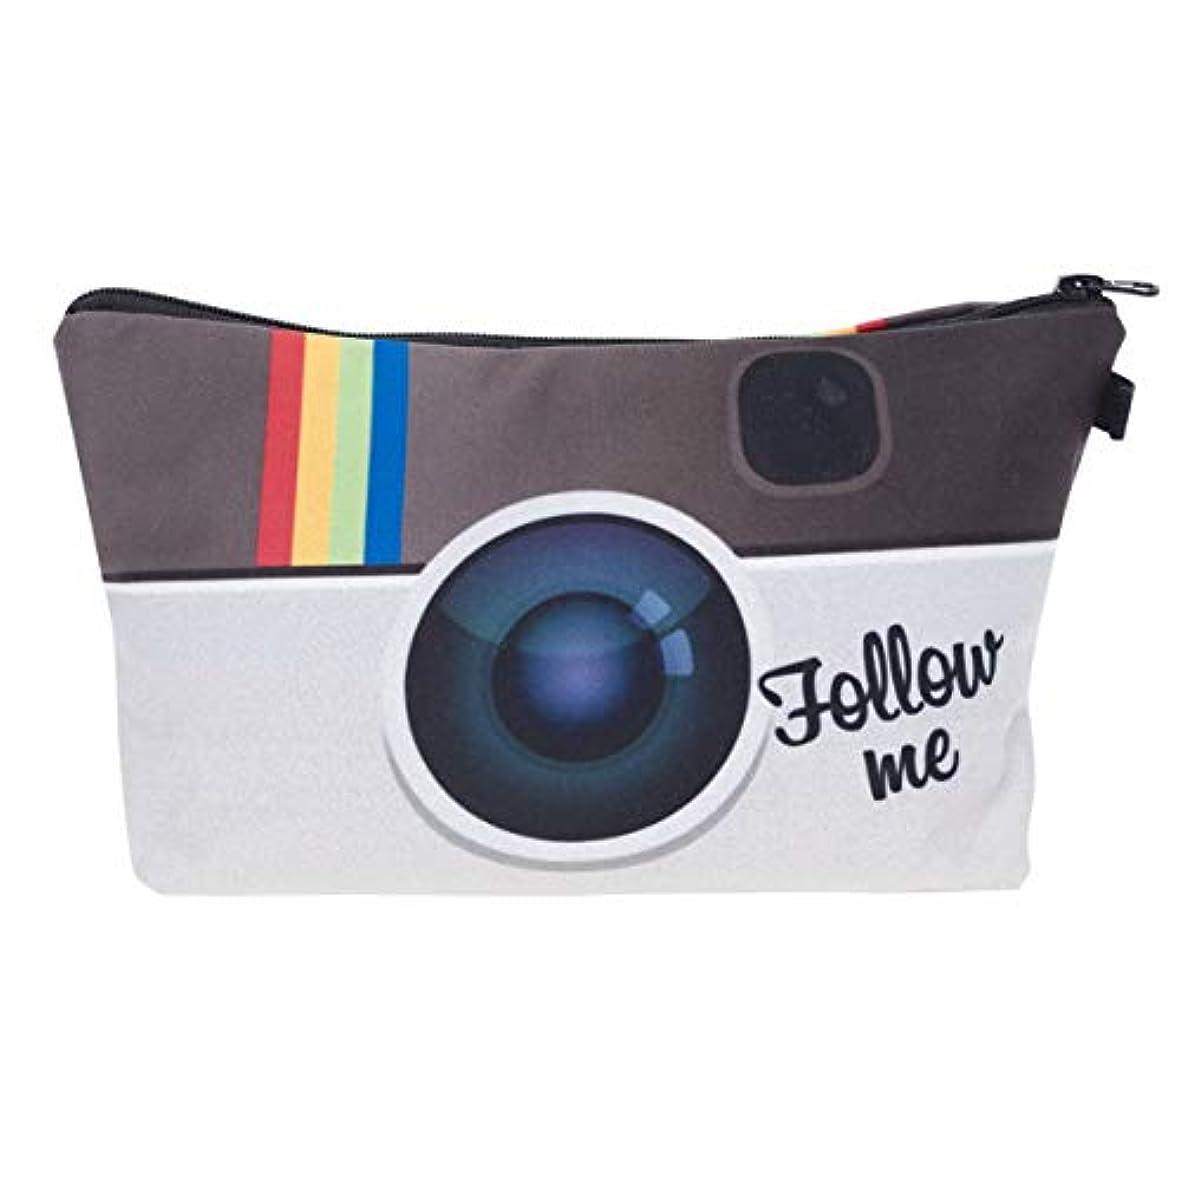 詳細に所持音楽家wijaso 丈夫な3 D印刷カメラは、旅行化粧バッグのために化粧品バッグ多機能を投げます(None 01)